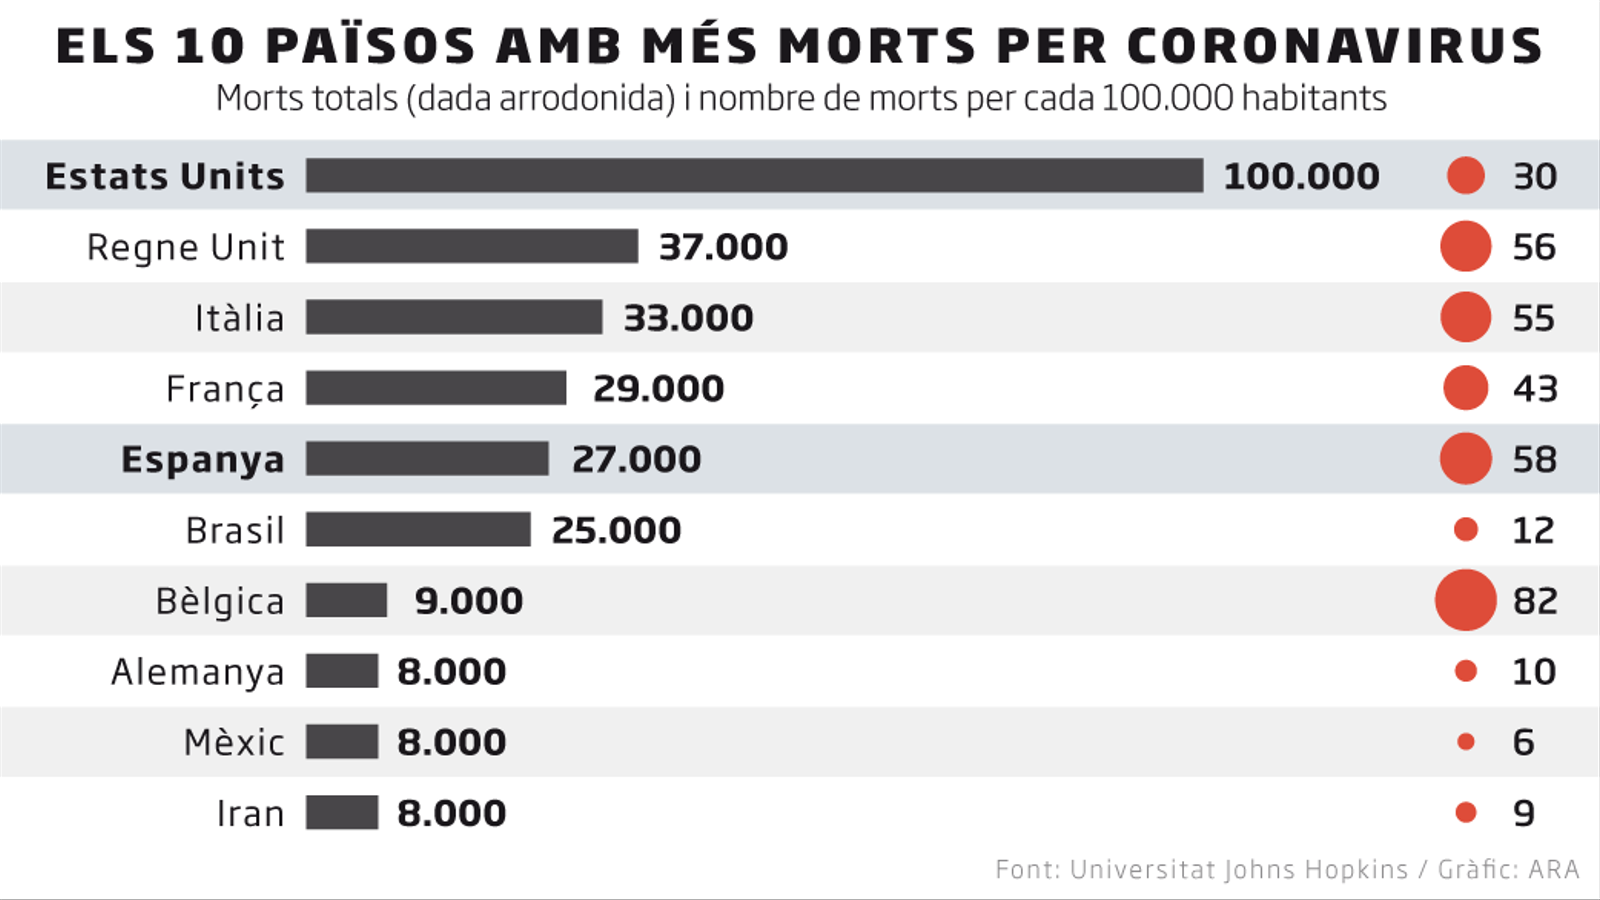 Els Estats Units superen els 100.000 morts de covid-19 (però la seva mortalitat és la meitat que la d'Espanya)